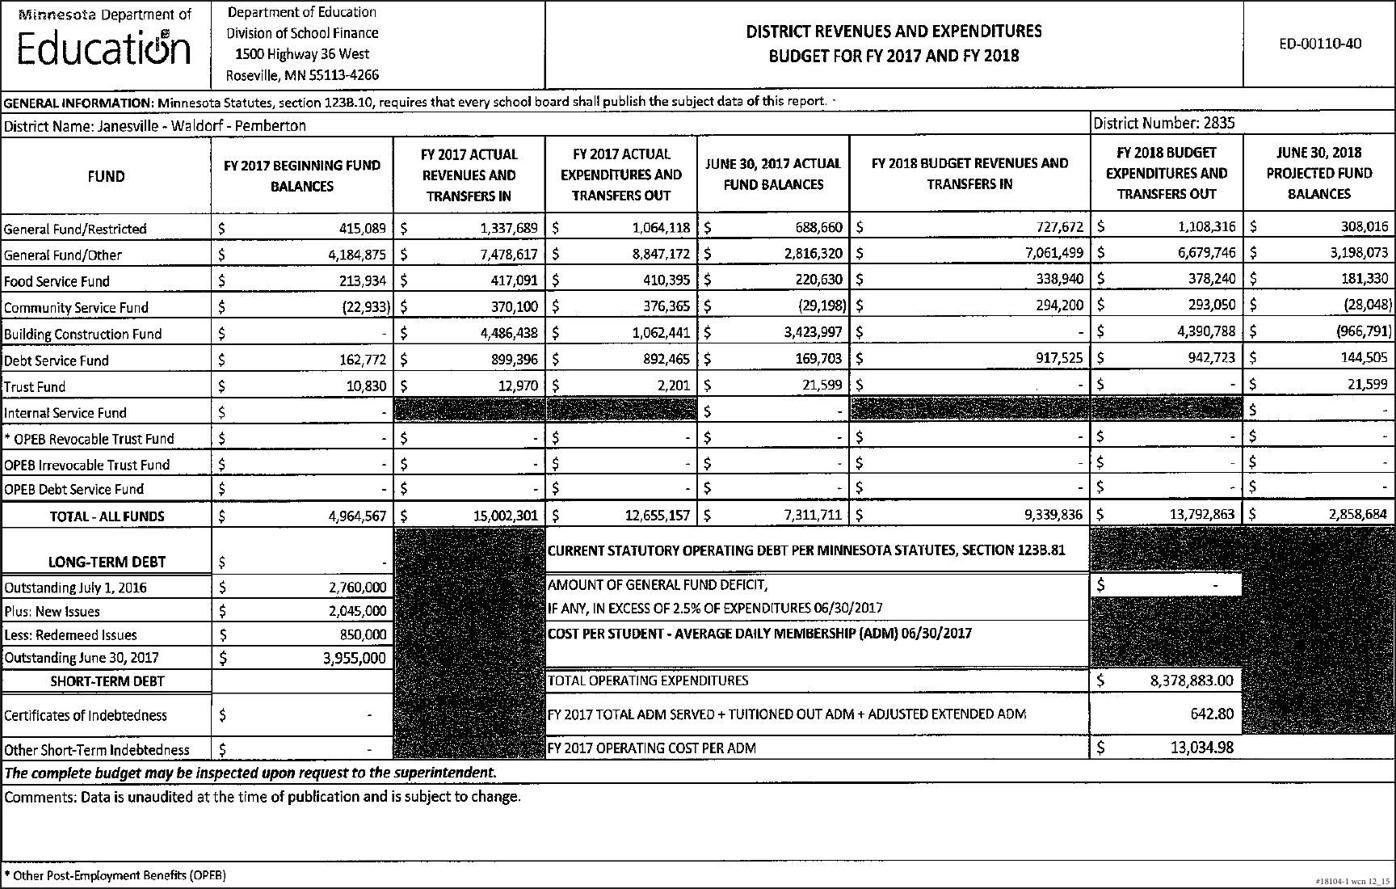 Janesville Public Schools - District Revenues